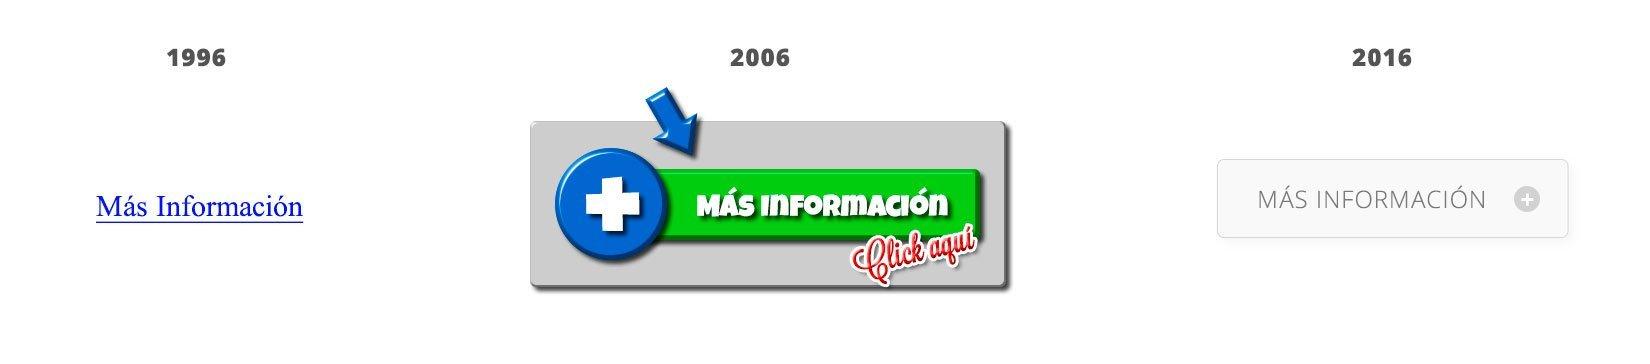 Evolución del diseño web en El Salvador